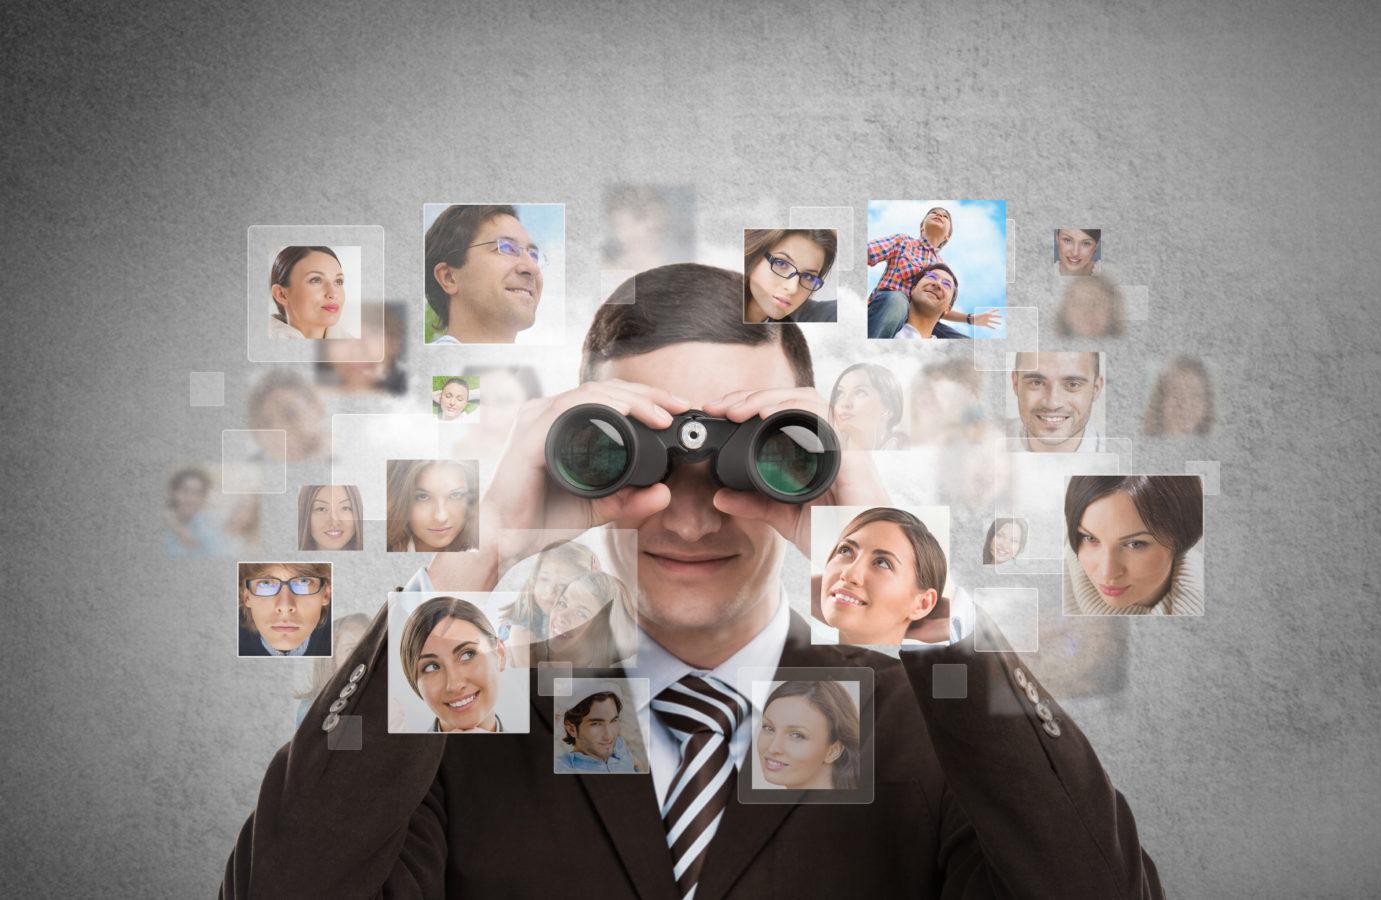 Profitez des réseaux sociaux pour humaniser votre entreprise. Par Valérie Demont